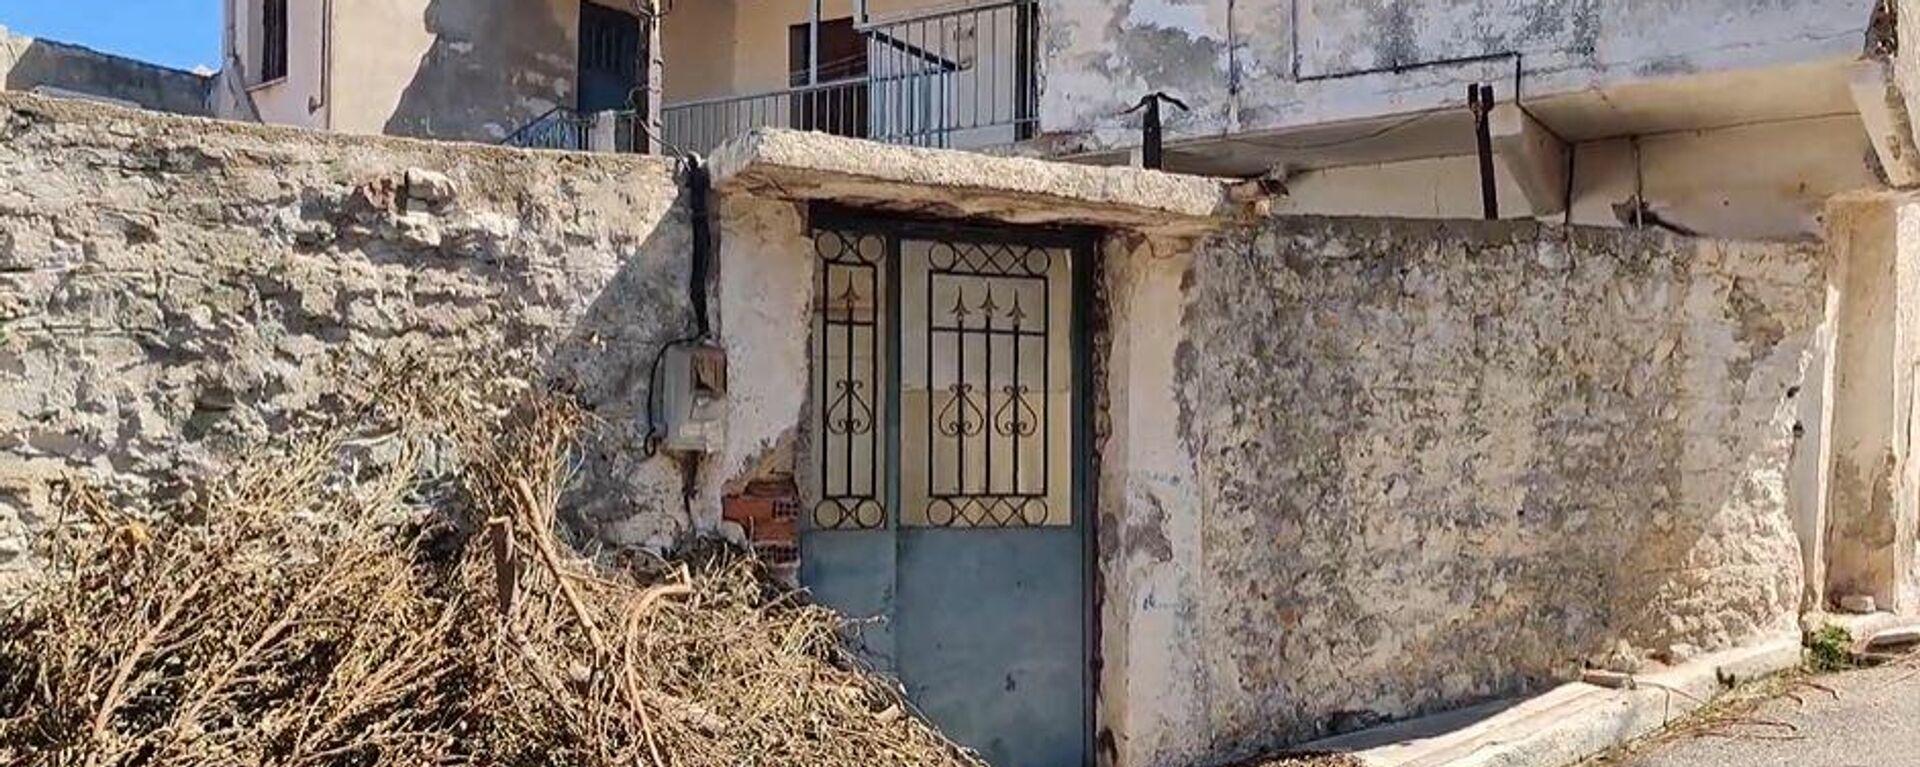 Θρίλερ στην Κυπαρισσία: Βρήκαν πτώμα γυναίκας θαμμένο σε σπίτι - Sputnik Ελλάδα, 1920, 06.09.2021